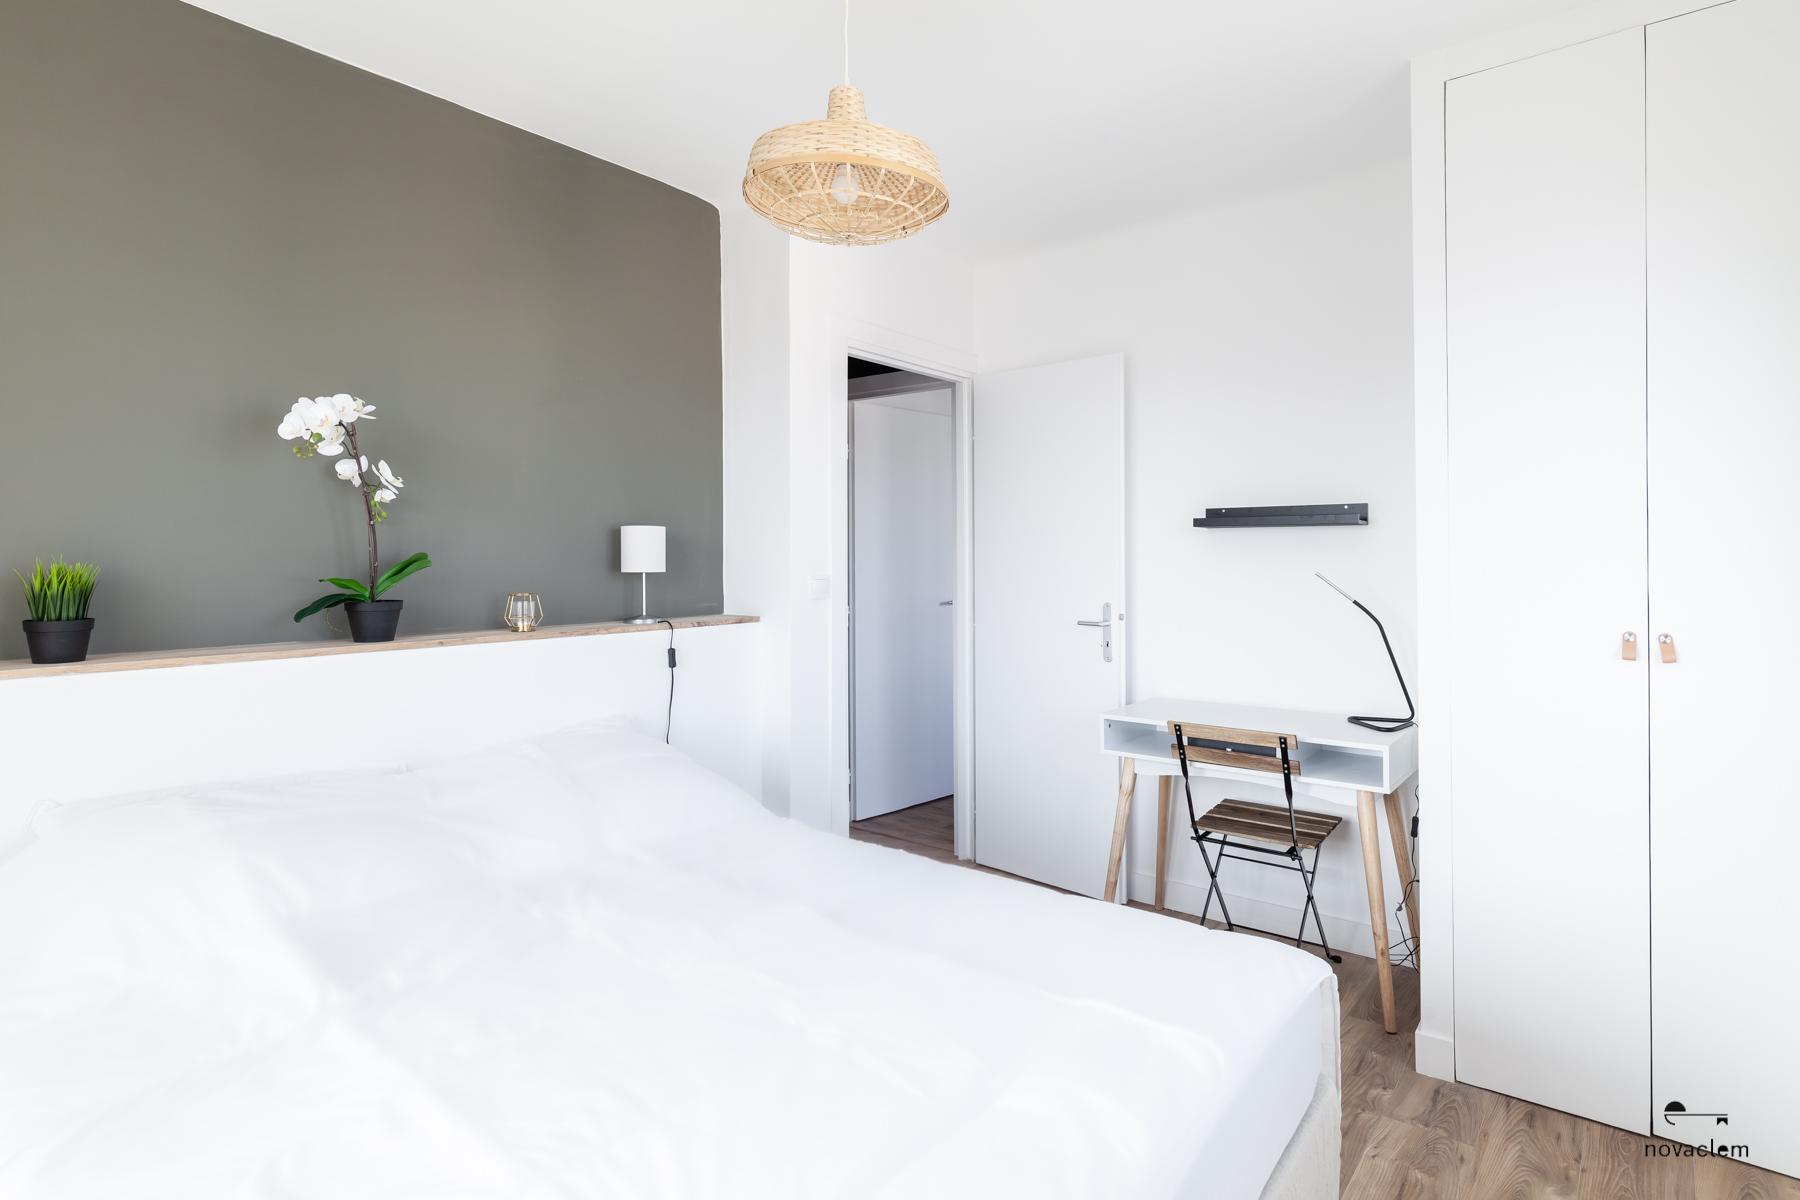 Novaclem -Chambre après travaux Coloc Galinat - Investissement Marseille